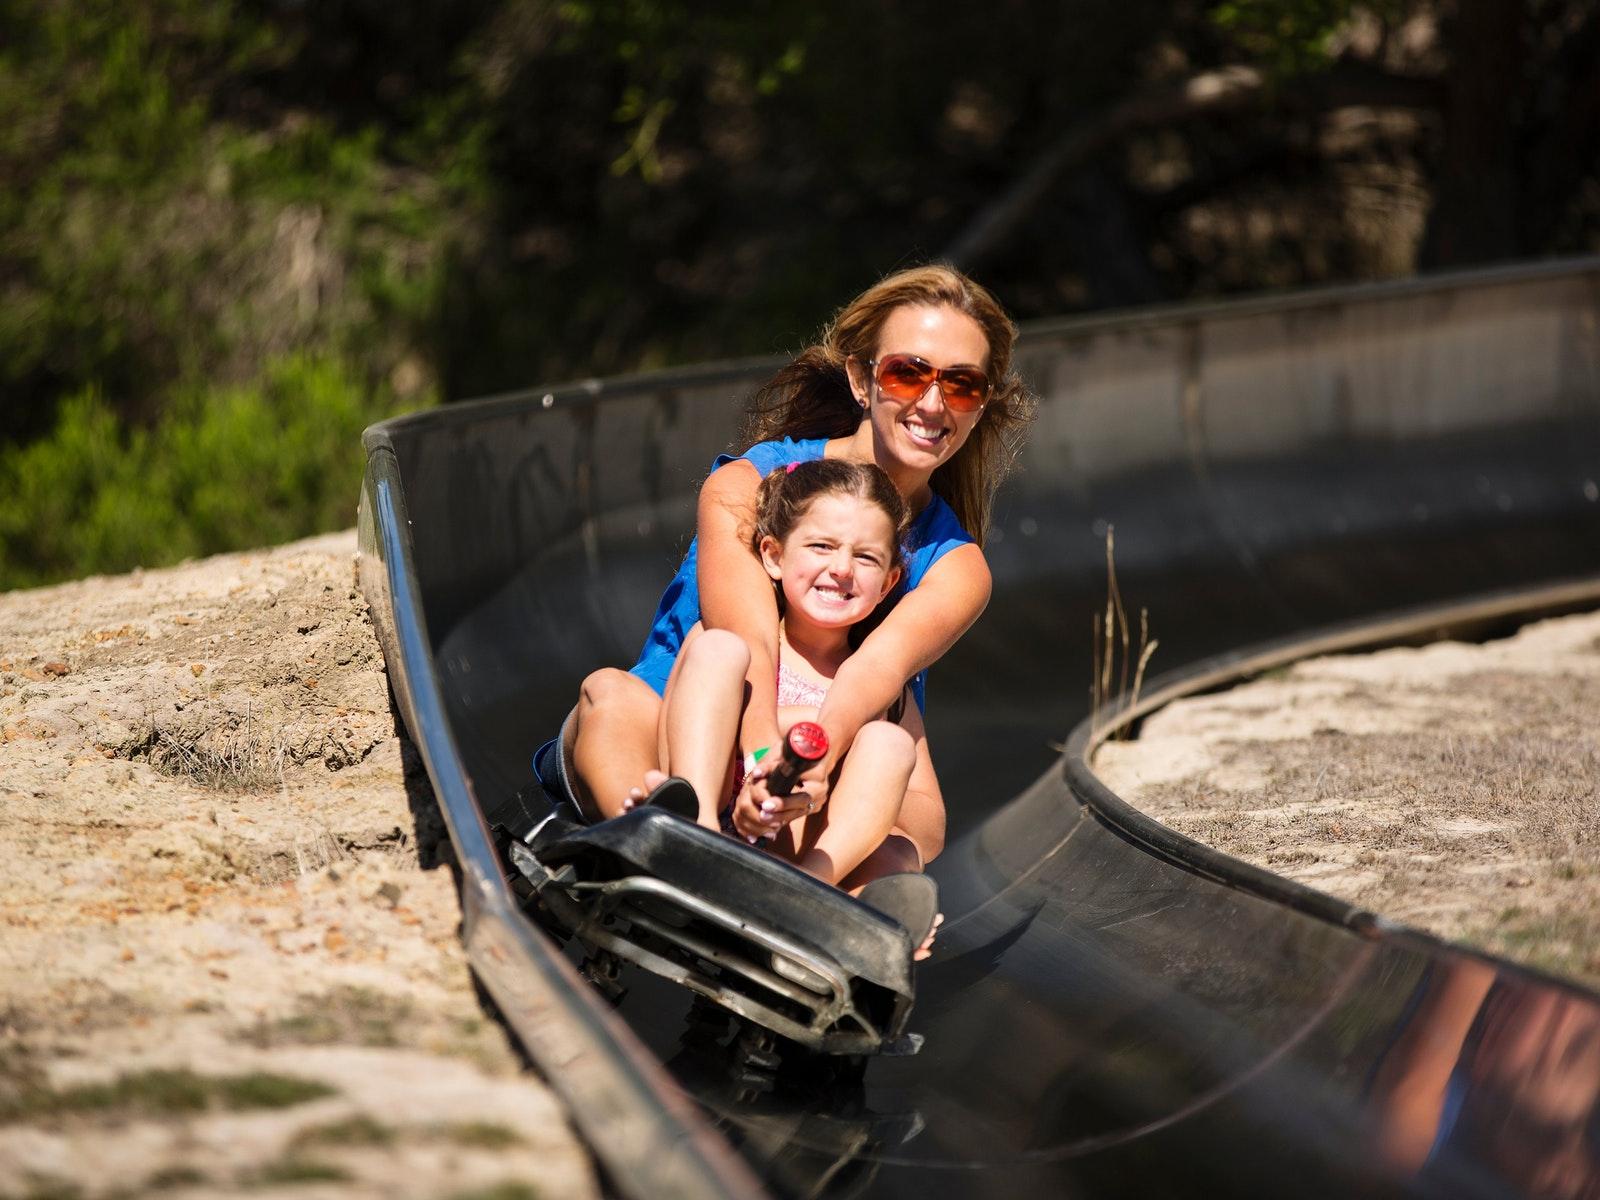 Toboggan slide, summer fun